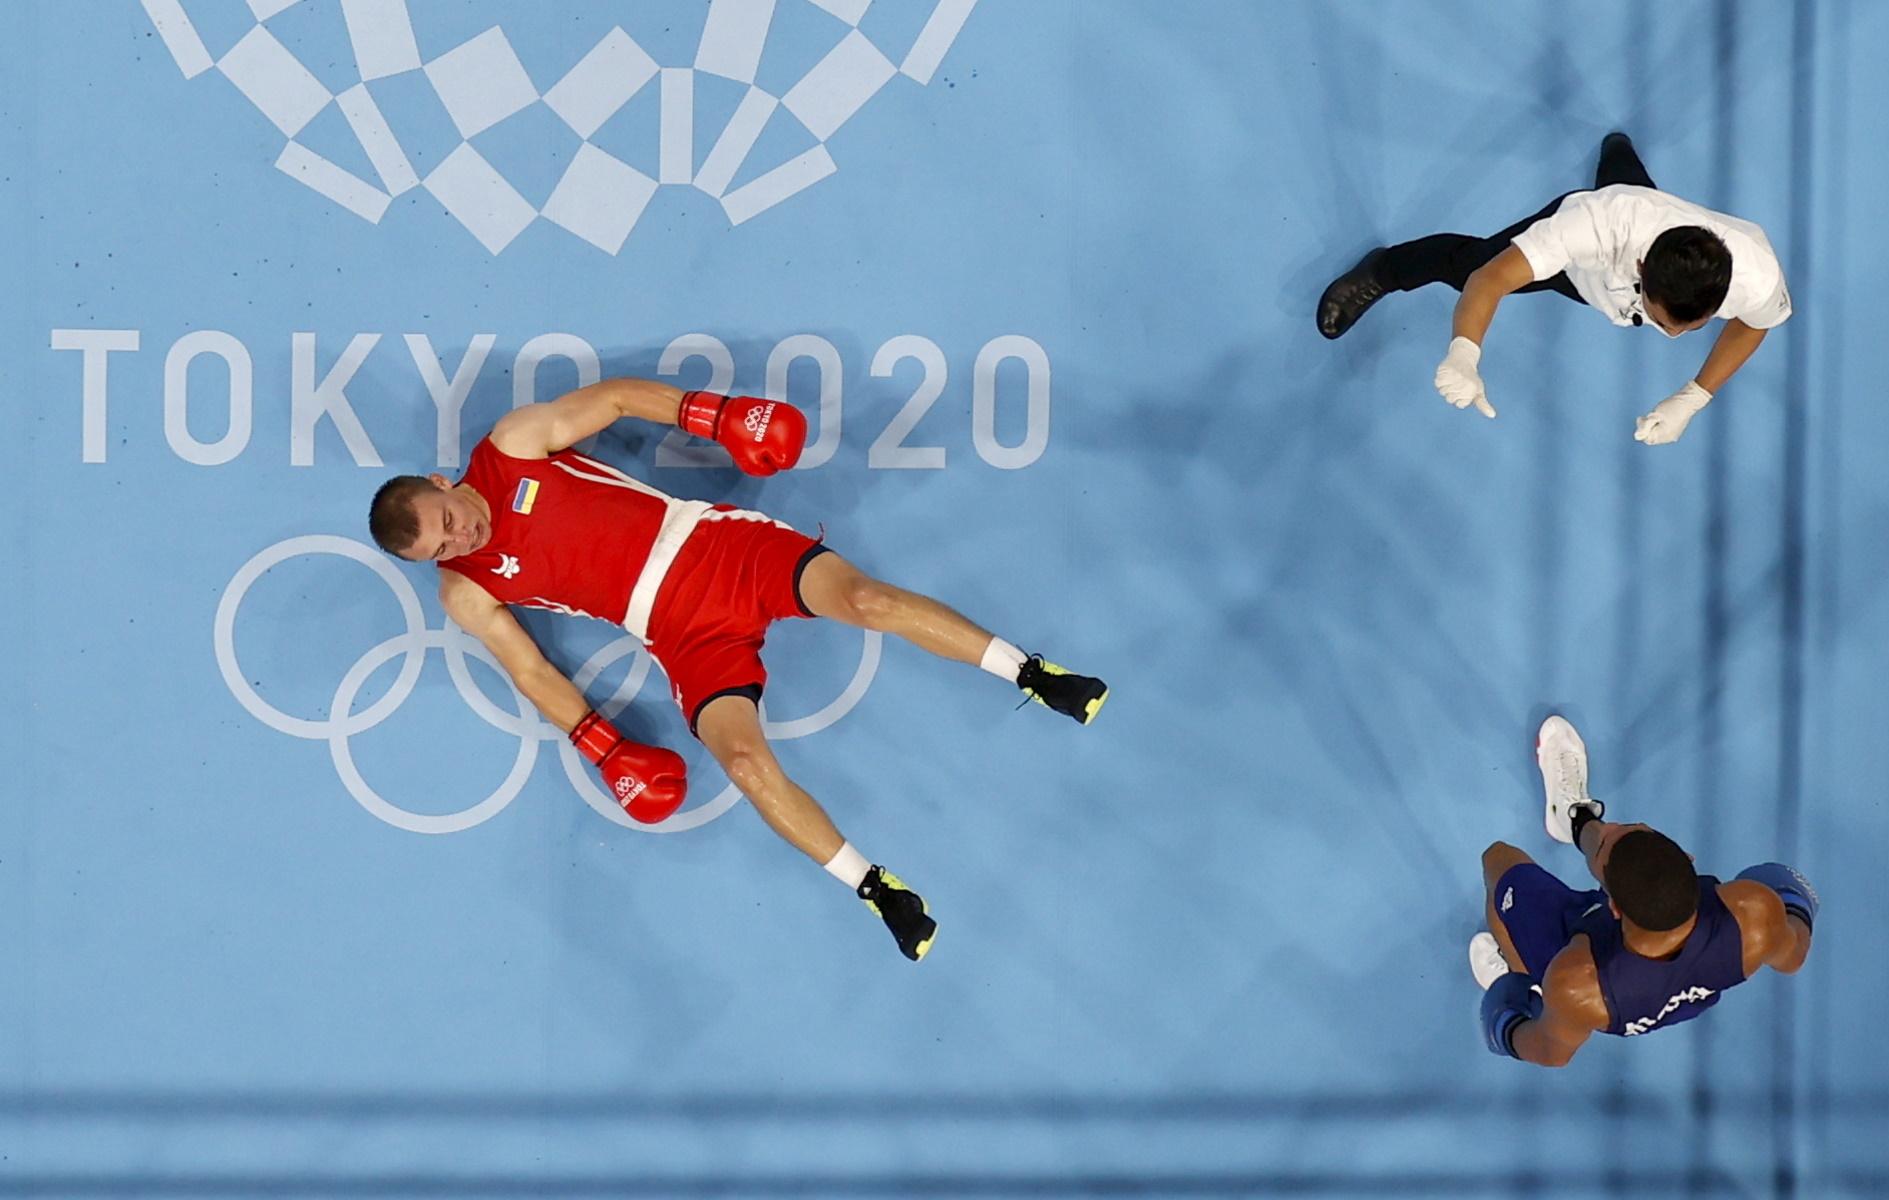 Ολυμπιακοί Αγώνες: «Χρυσός» με νοκ-άουτ ο Σόουζα στην πυγμαχία